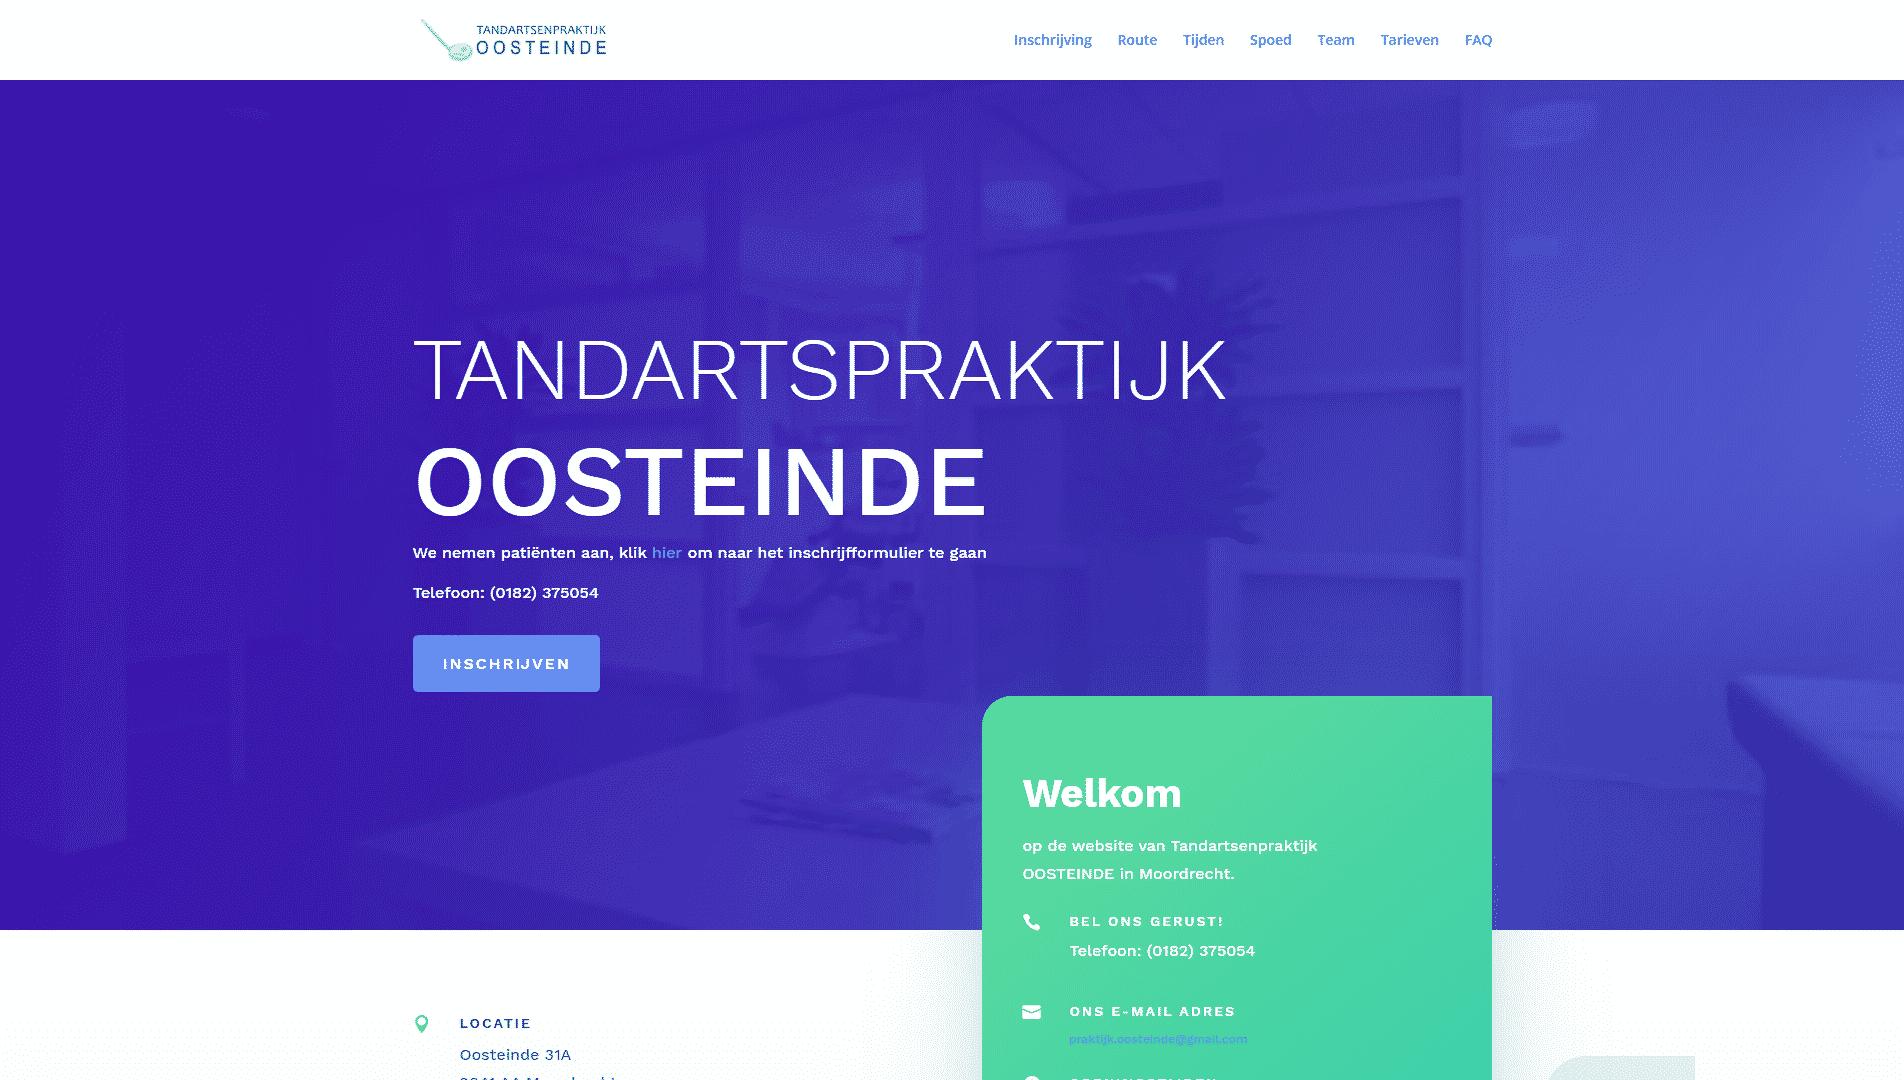 De voorpagina van de website van tandartspraktijk oosteinde die gemaakt is door galileo academy